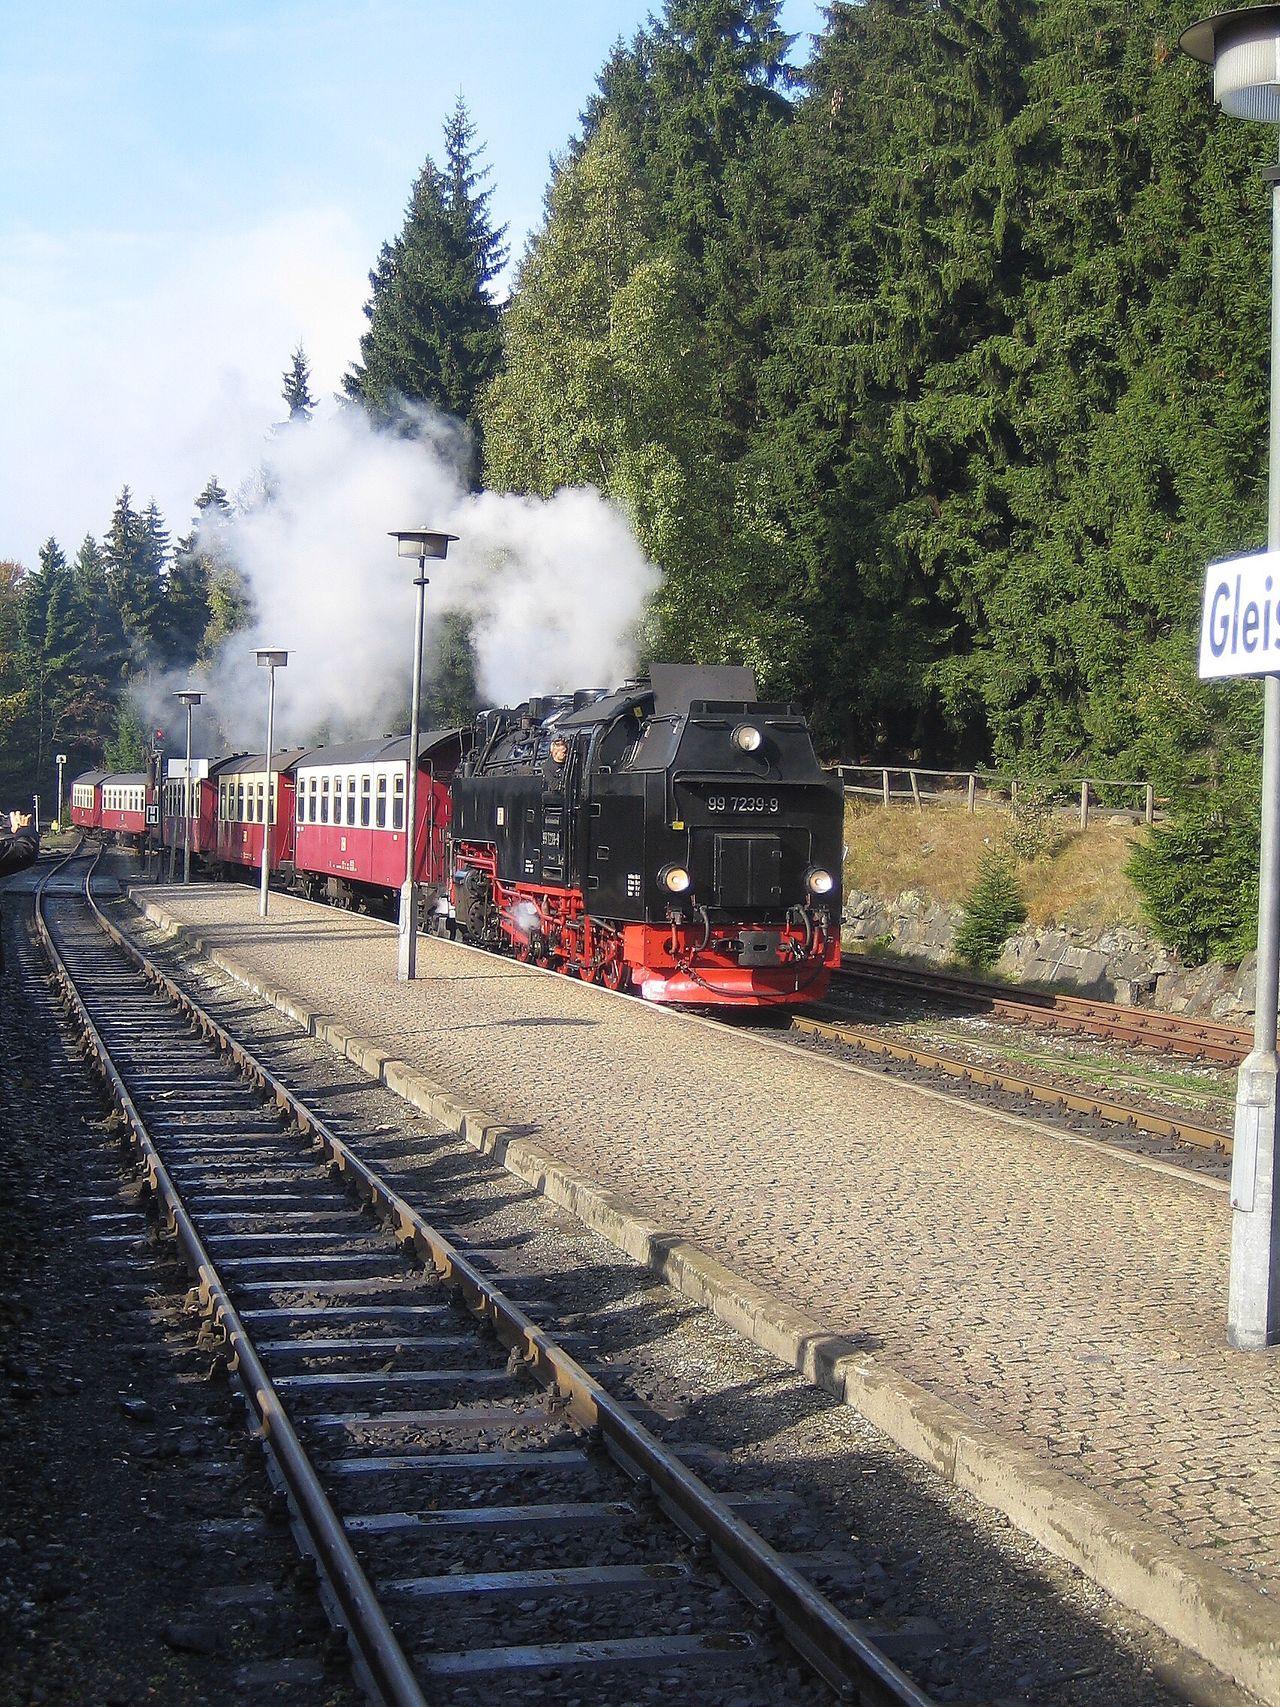 Brockenbahn Locomotive Steam Locomotive Steam Train Train Station Harz Harz Bilder